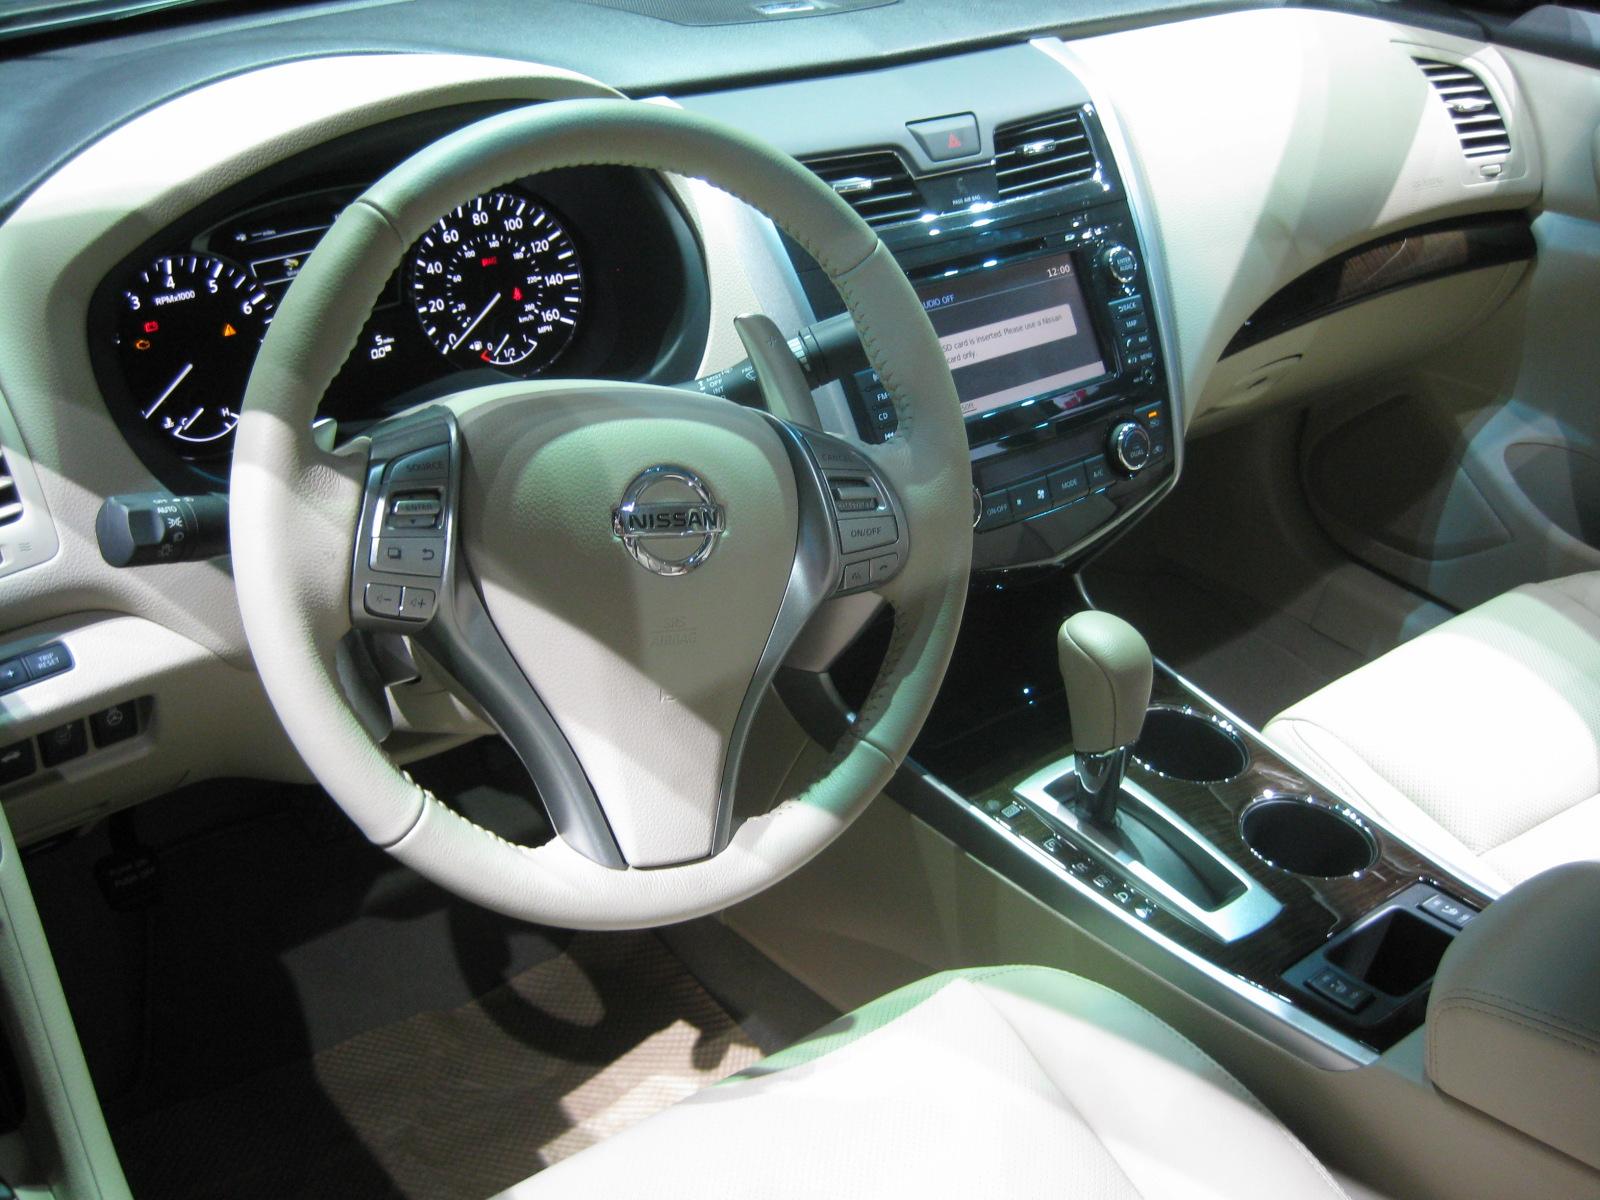 ... 1600 × 1200 Pixels. 0. 2013 Nissan Altima Interior.